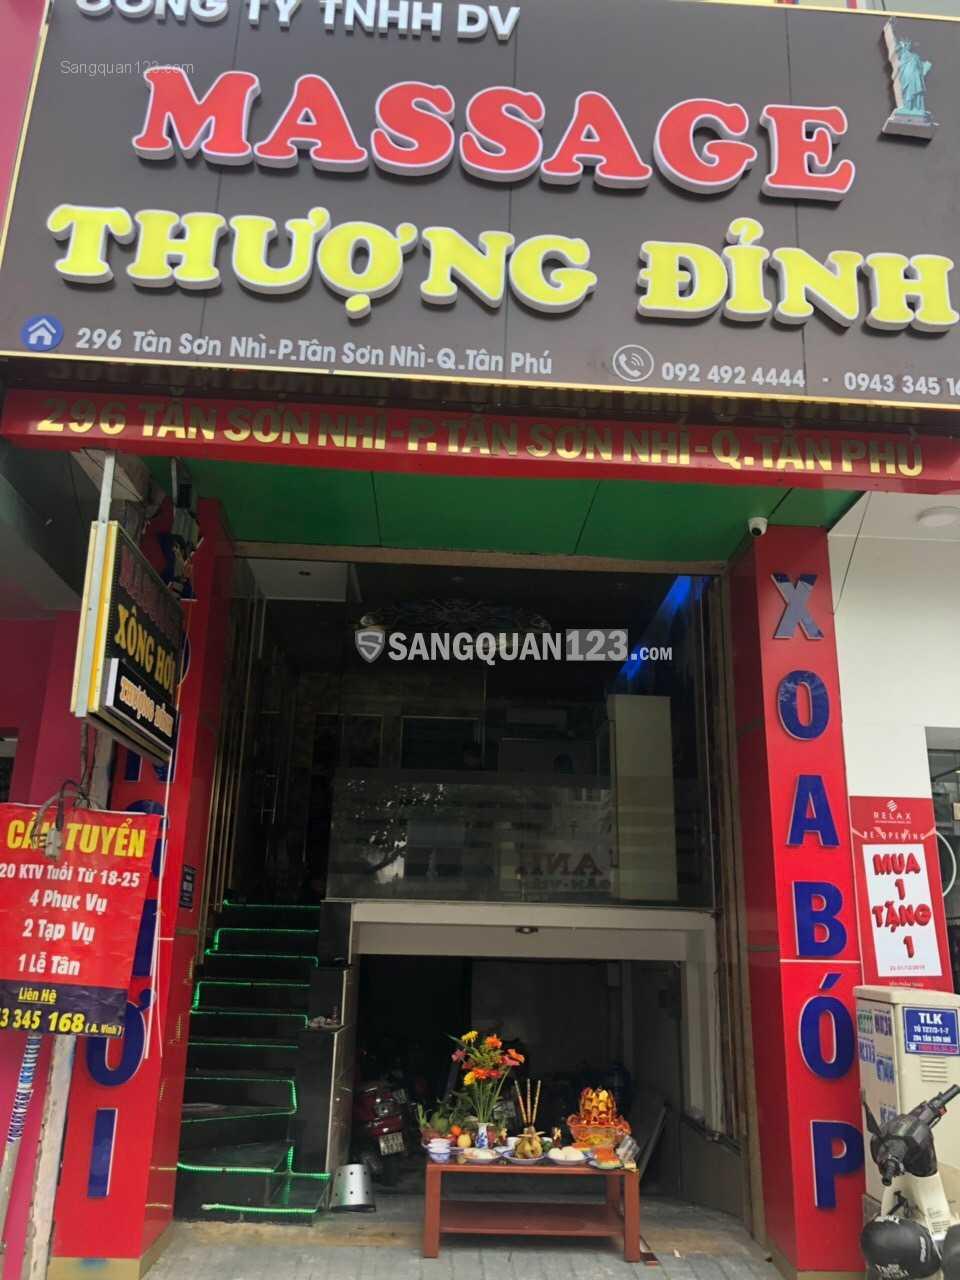 Sang quán Massage đang hoạt động tại Tân Sơn Nhì